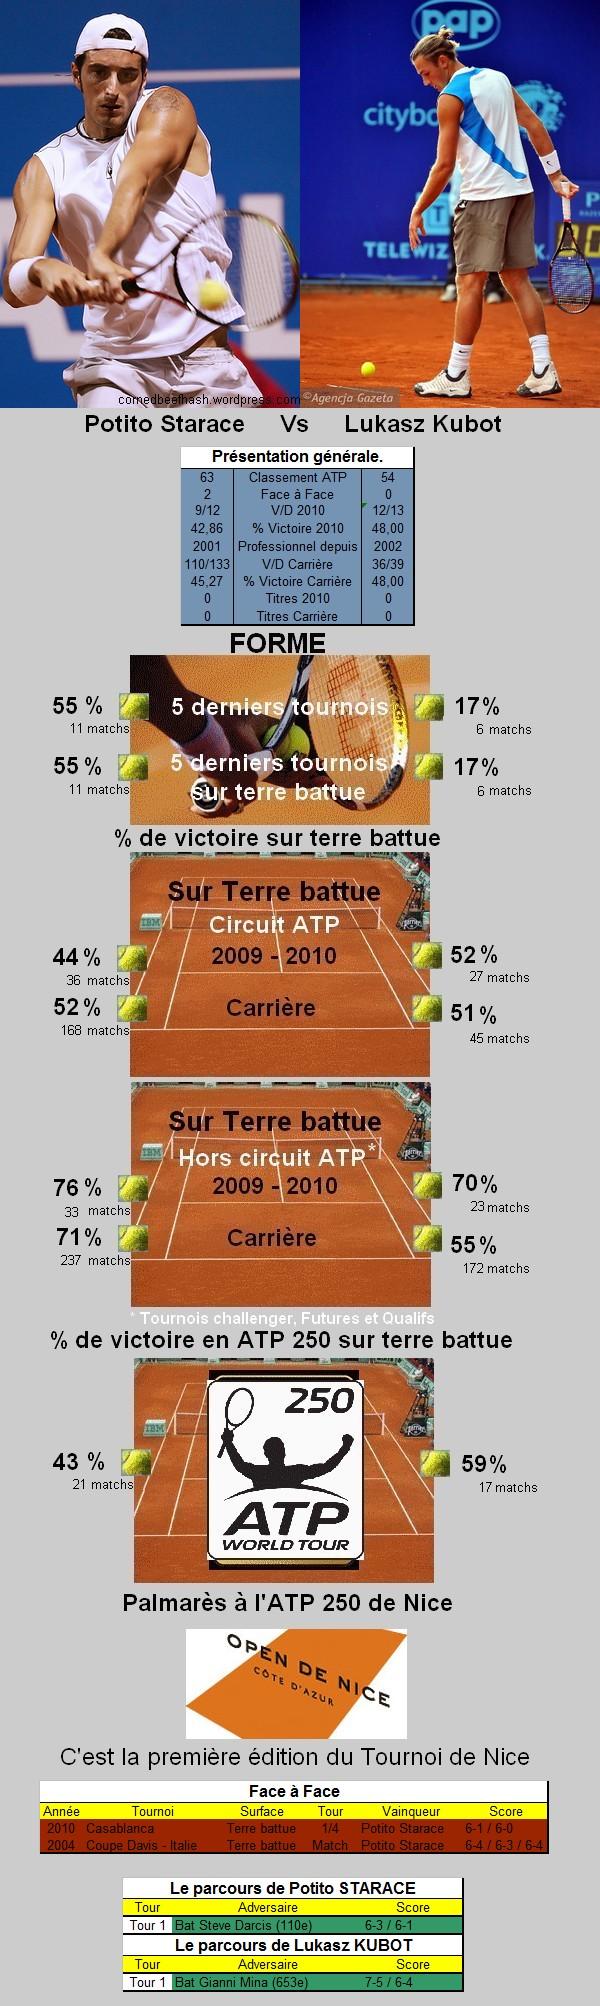 Statistiques tennis de Starace contre Kubot à Nice